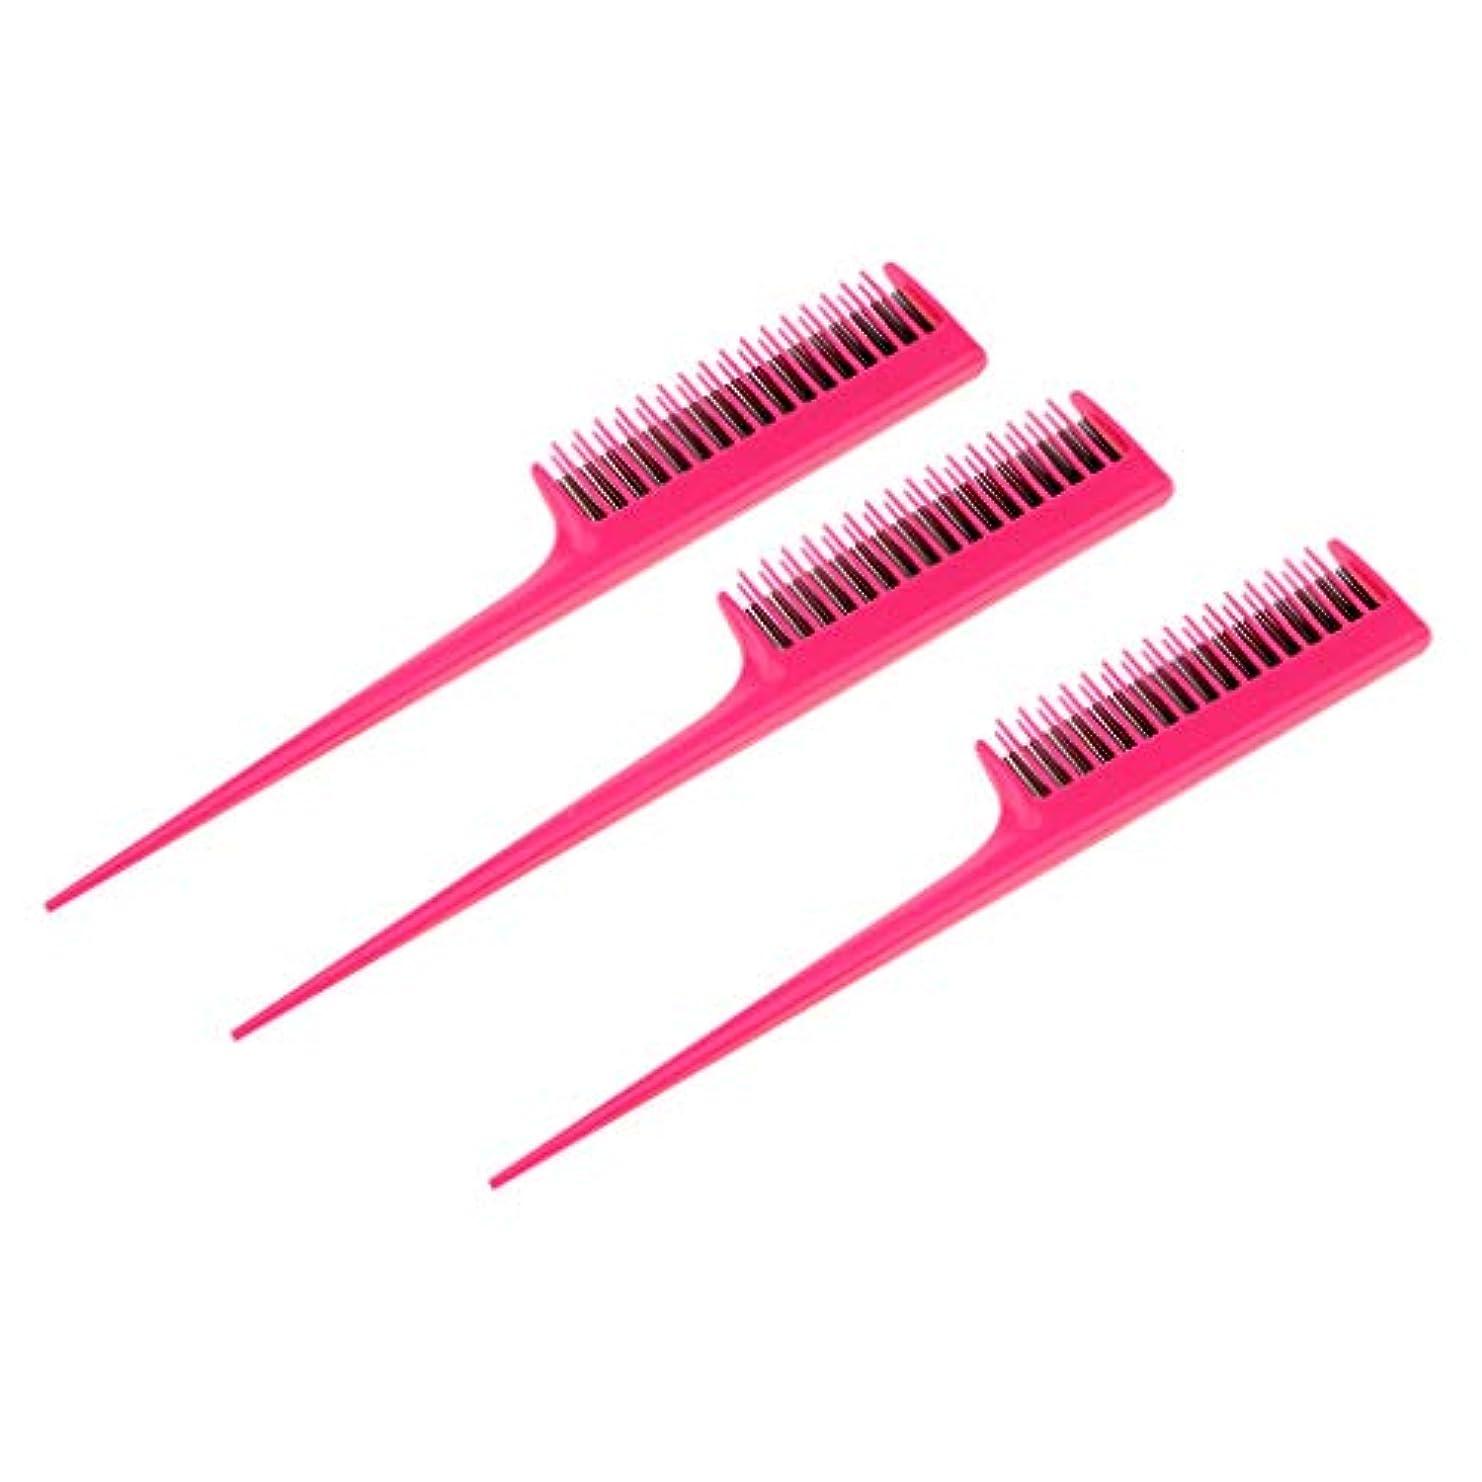 喜劇敵対的つまずくヘアダイコーム 櫛 ヘアコーム ヘアブラシ プラスチック 染毛剤 ツール 3個入り